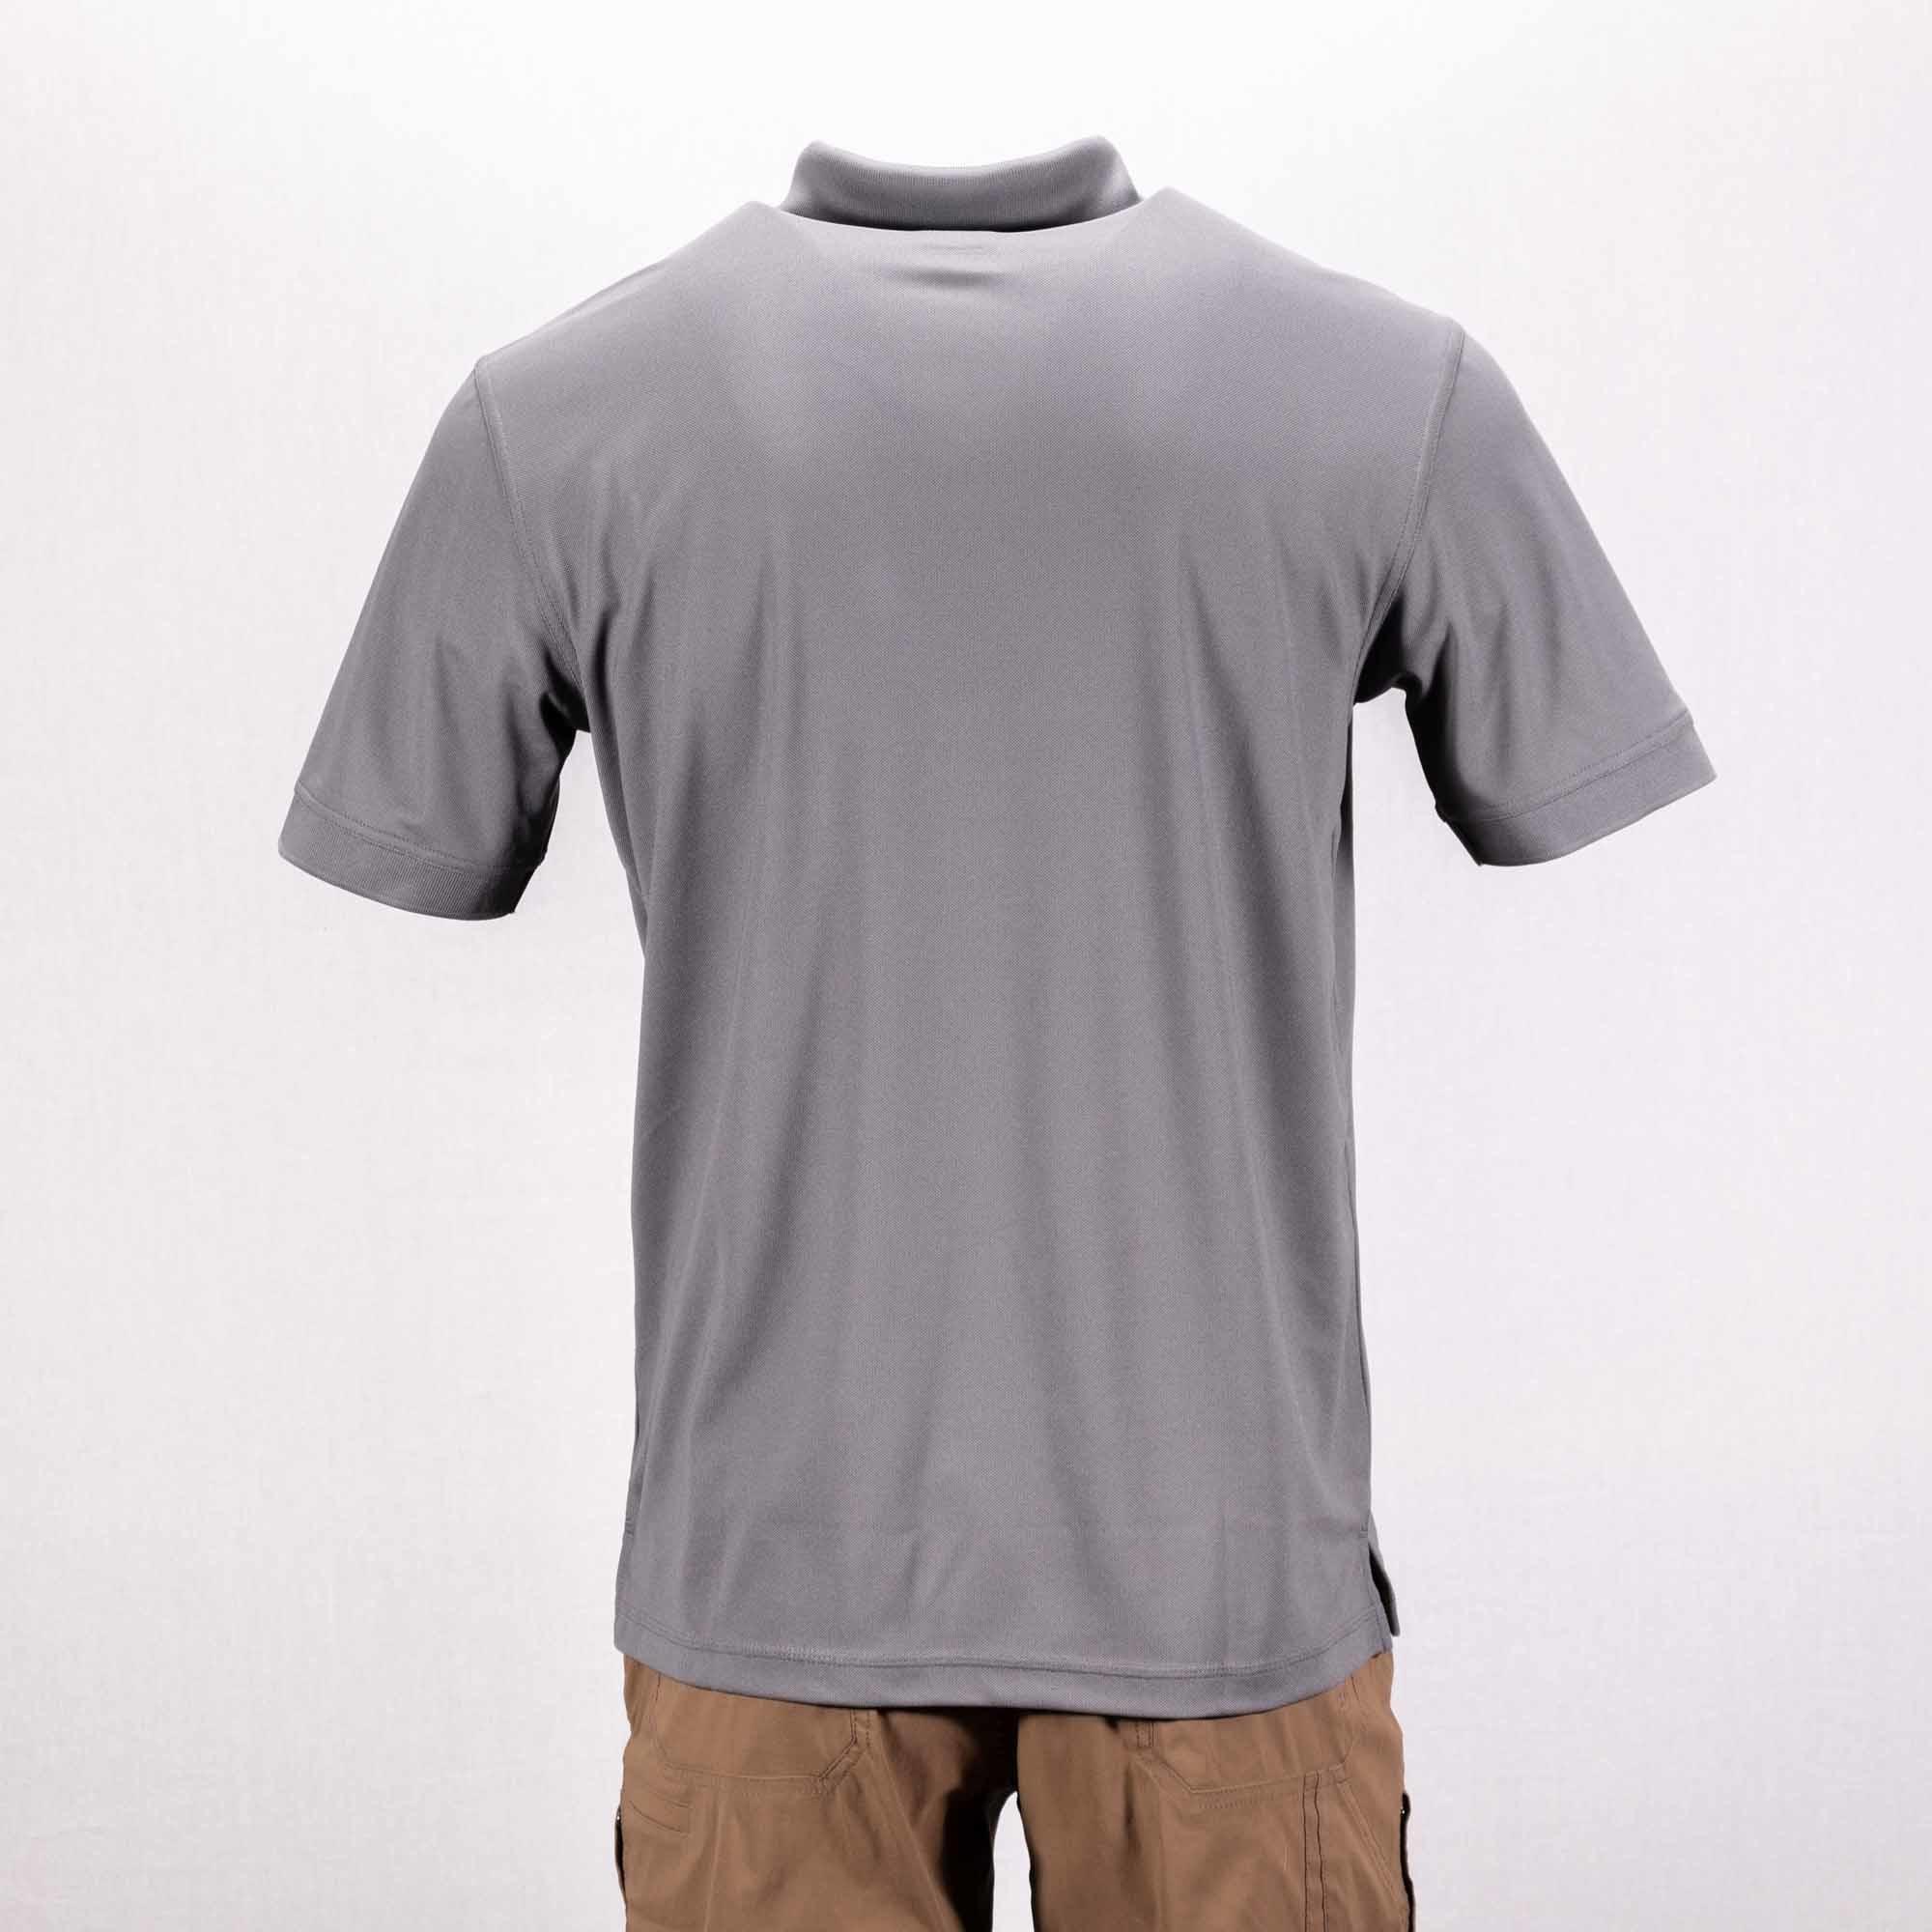 OGIO Polo shirt